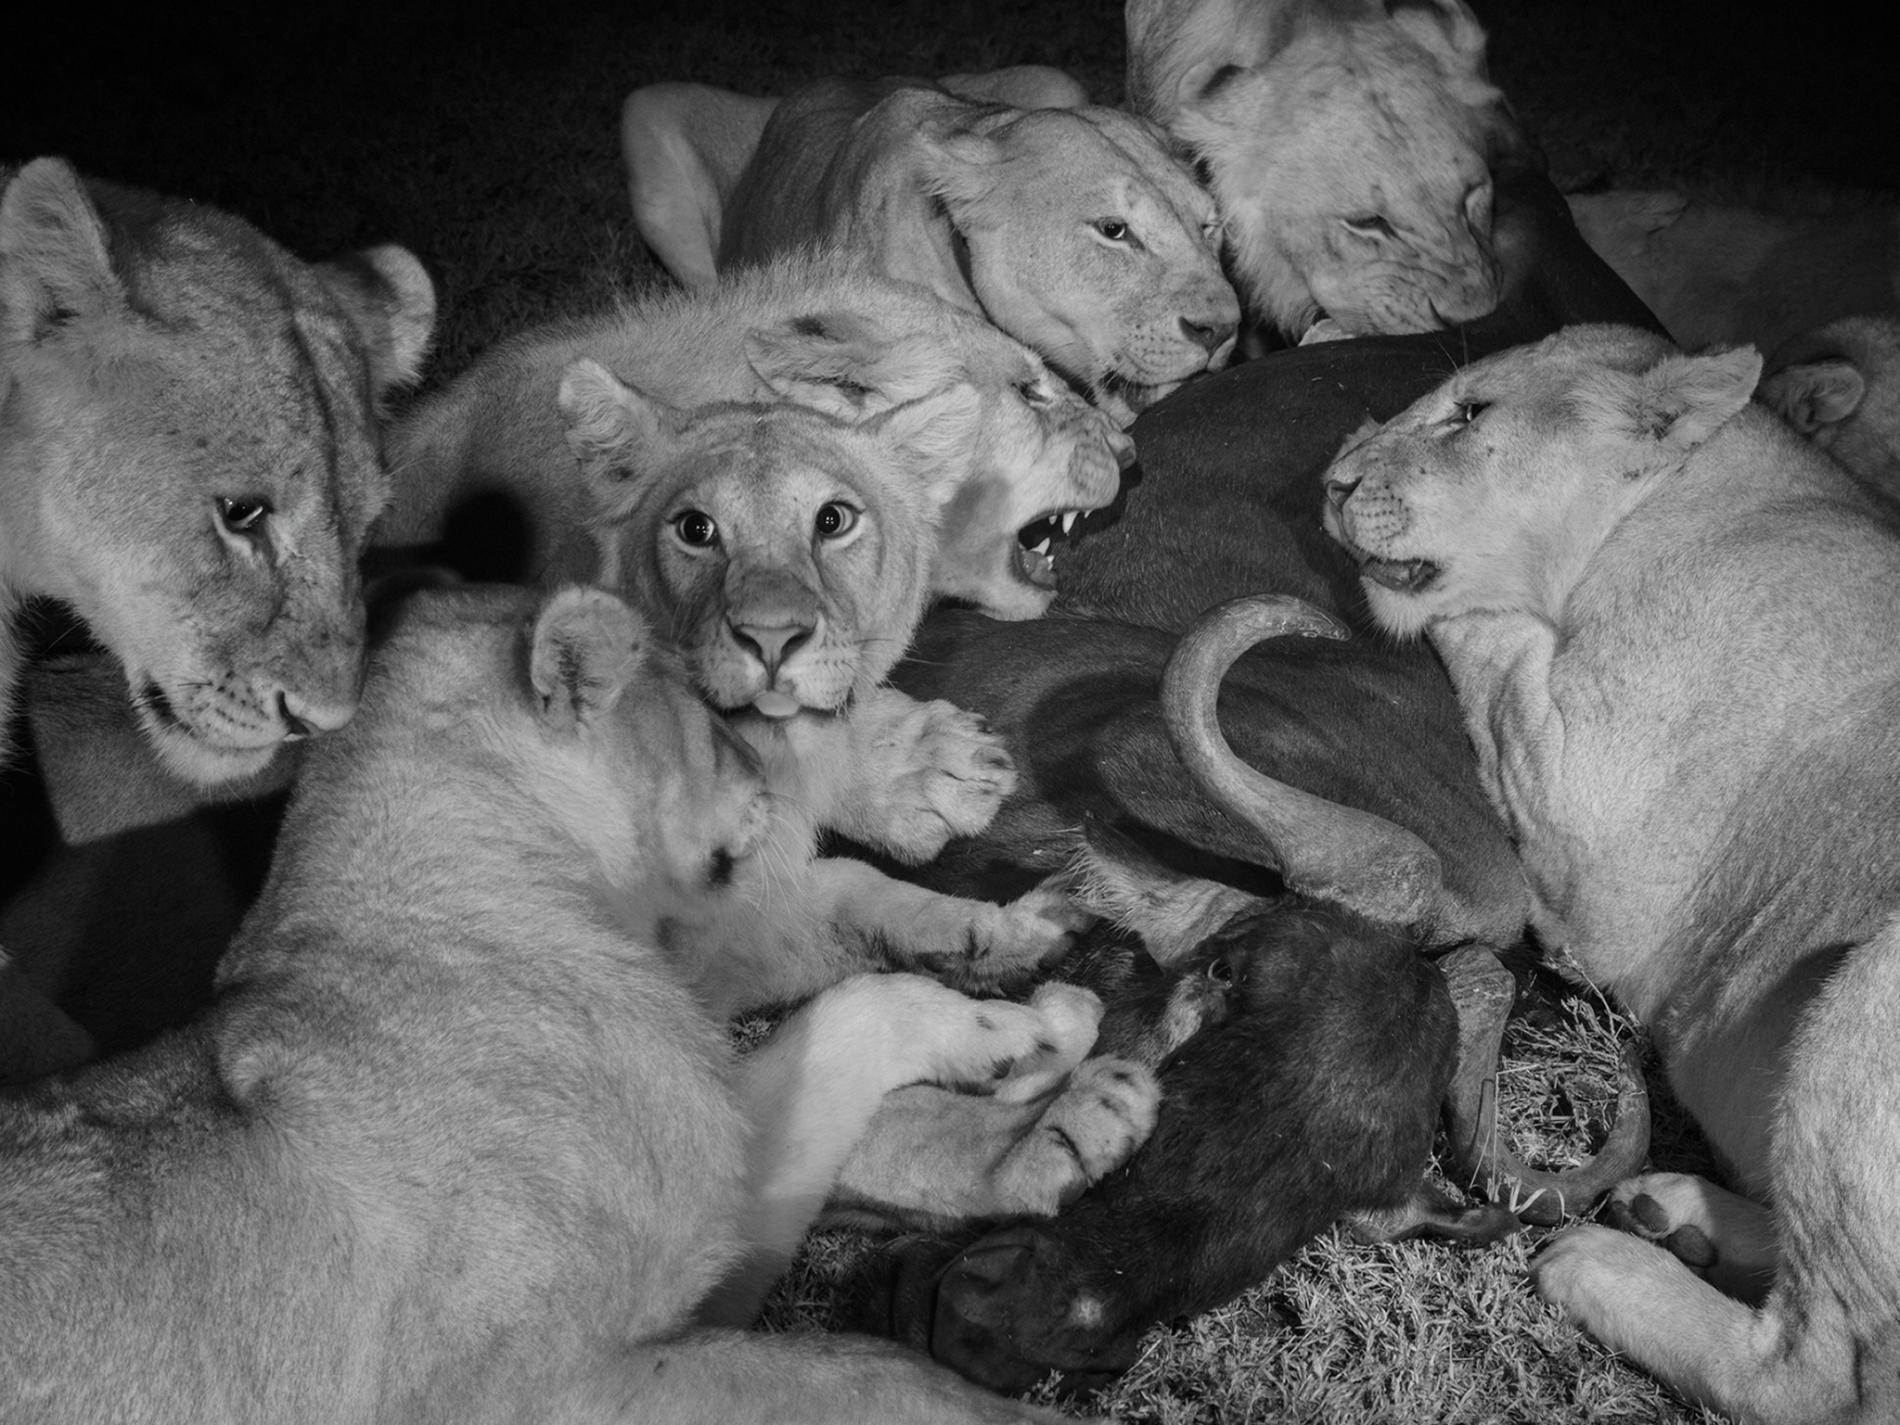 Sư tử diệt sư tử: Cuộc ám sát 3 cắn 1 và sự hồi sinh nghẹt thở của nhà vua - Ảnh 4.